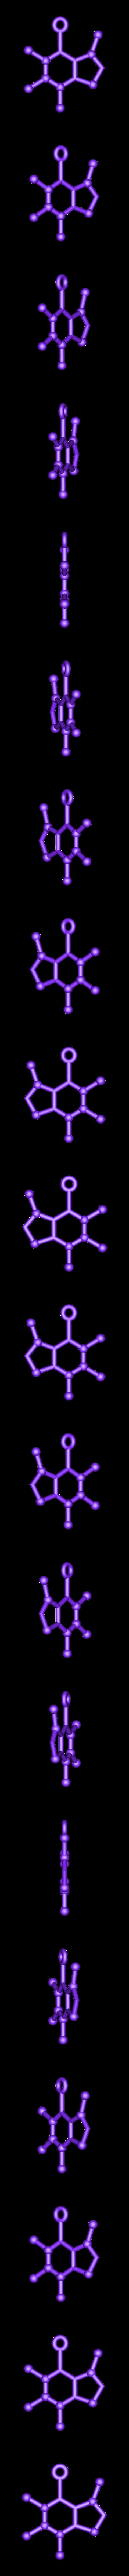 Caffeine Molecule Ornament.stl Télécharger fichier STL gratuit Ornement de caféine libre de molécule de caféine • Modèle imprimable en 3D, httpkoopa